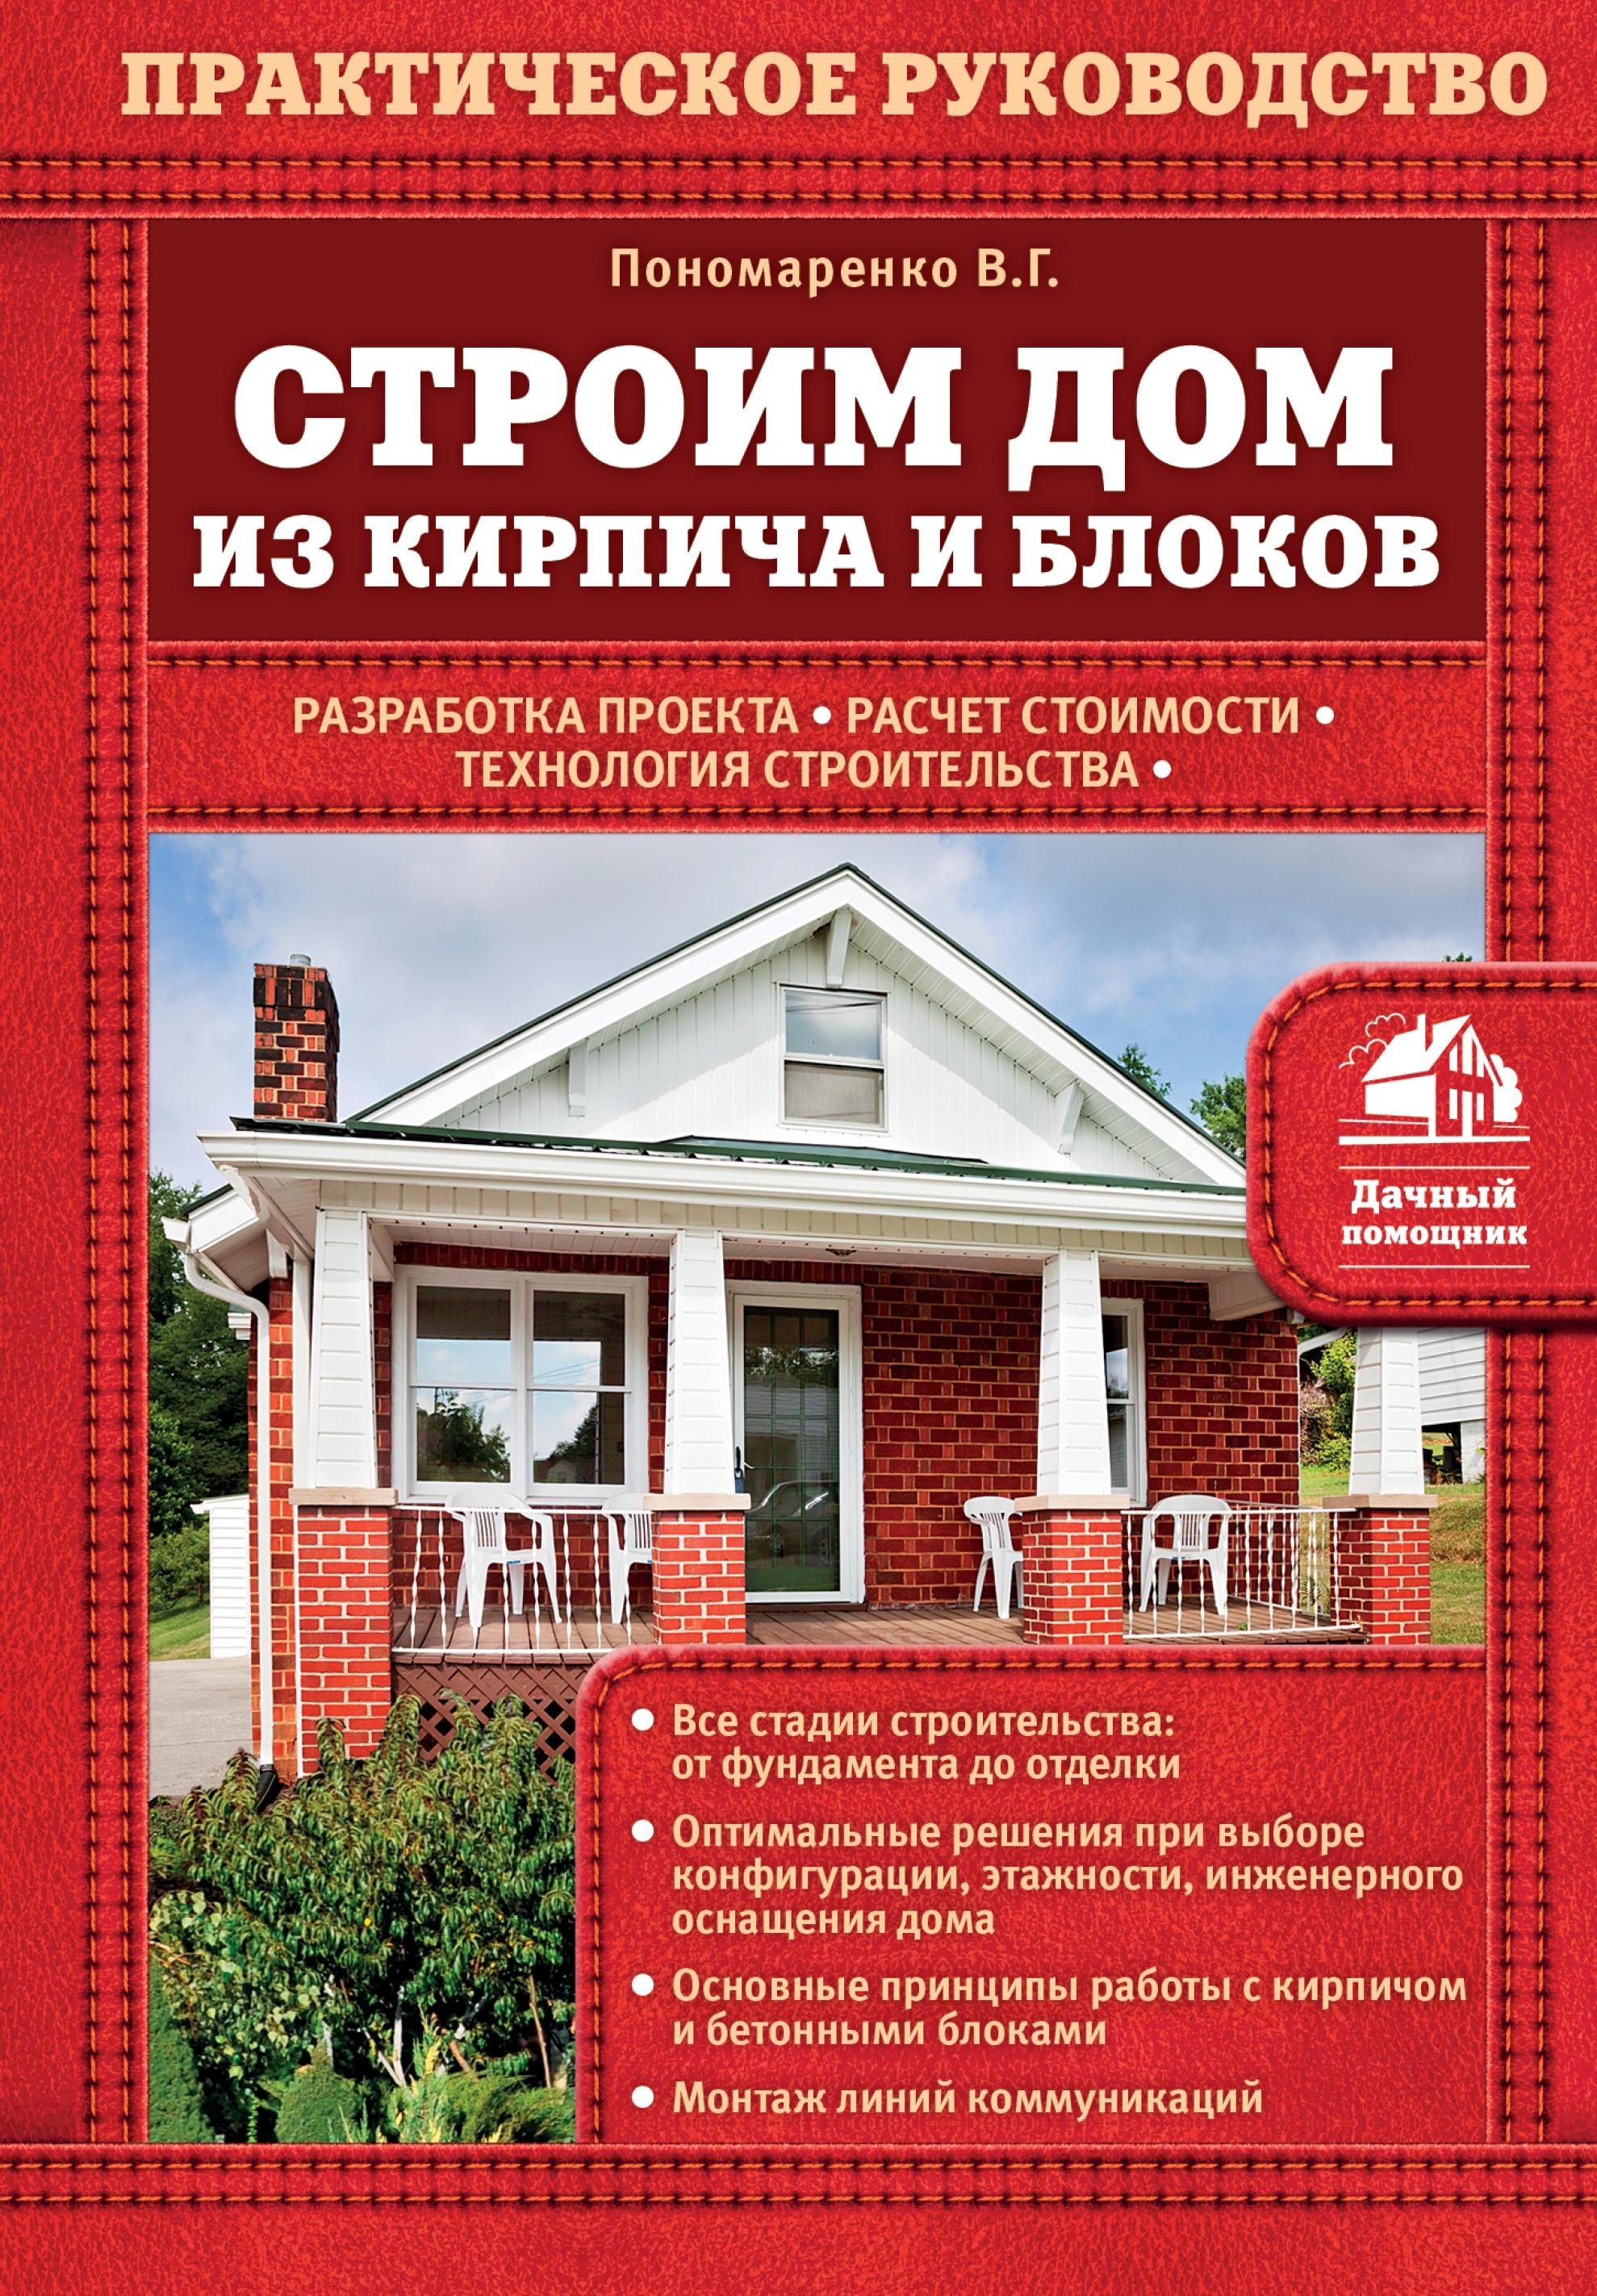 В. Г. Пономаренко Строим дом из кирпича и блоков